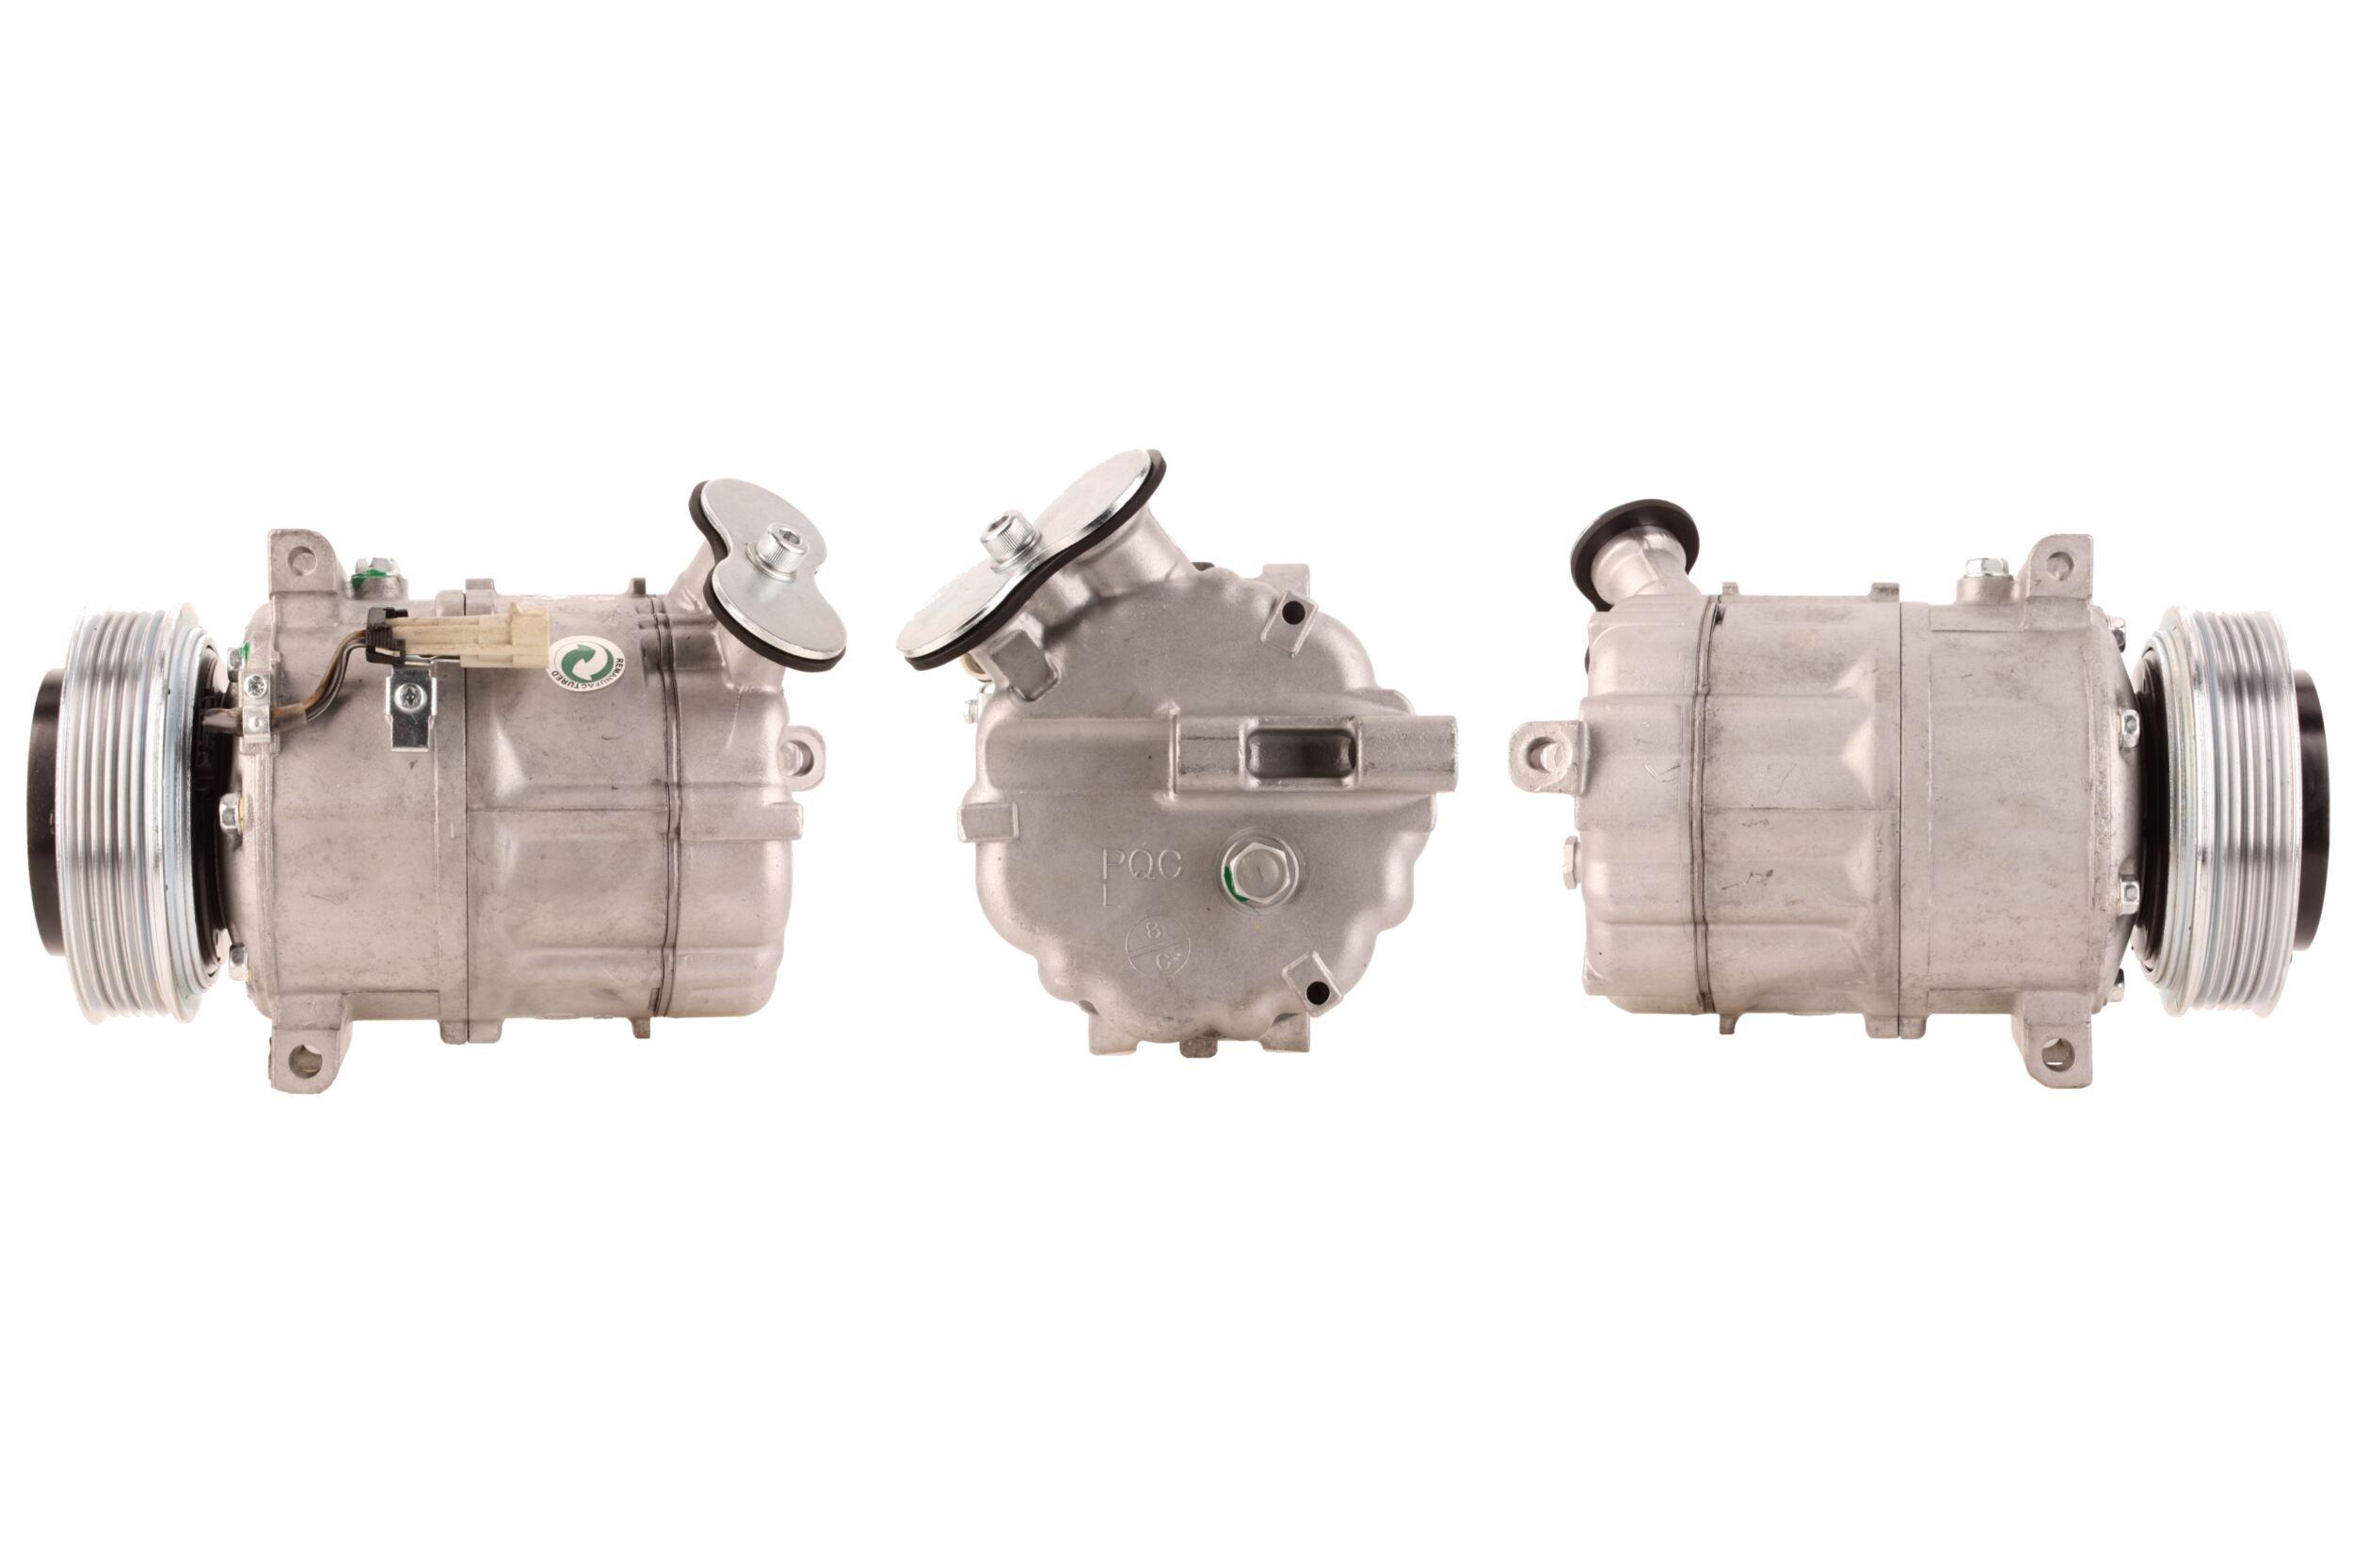 ACP199 LUCAS Kältemittel: R 134a, mit Dichtungen Riemenscheiben-Ø: 120mm, Anzahl der Rillen: 6 Klimakompressor ACP199 günstig kaufen